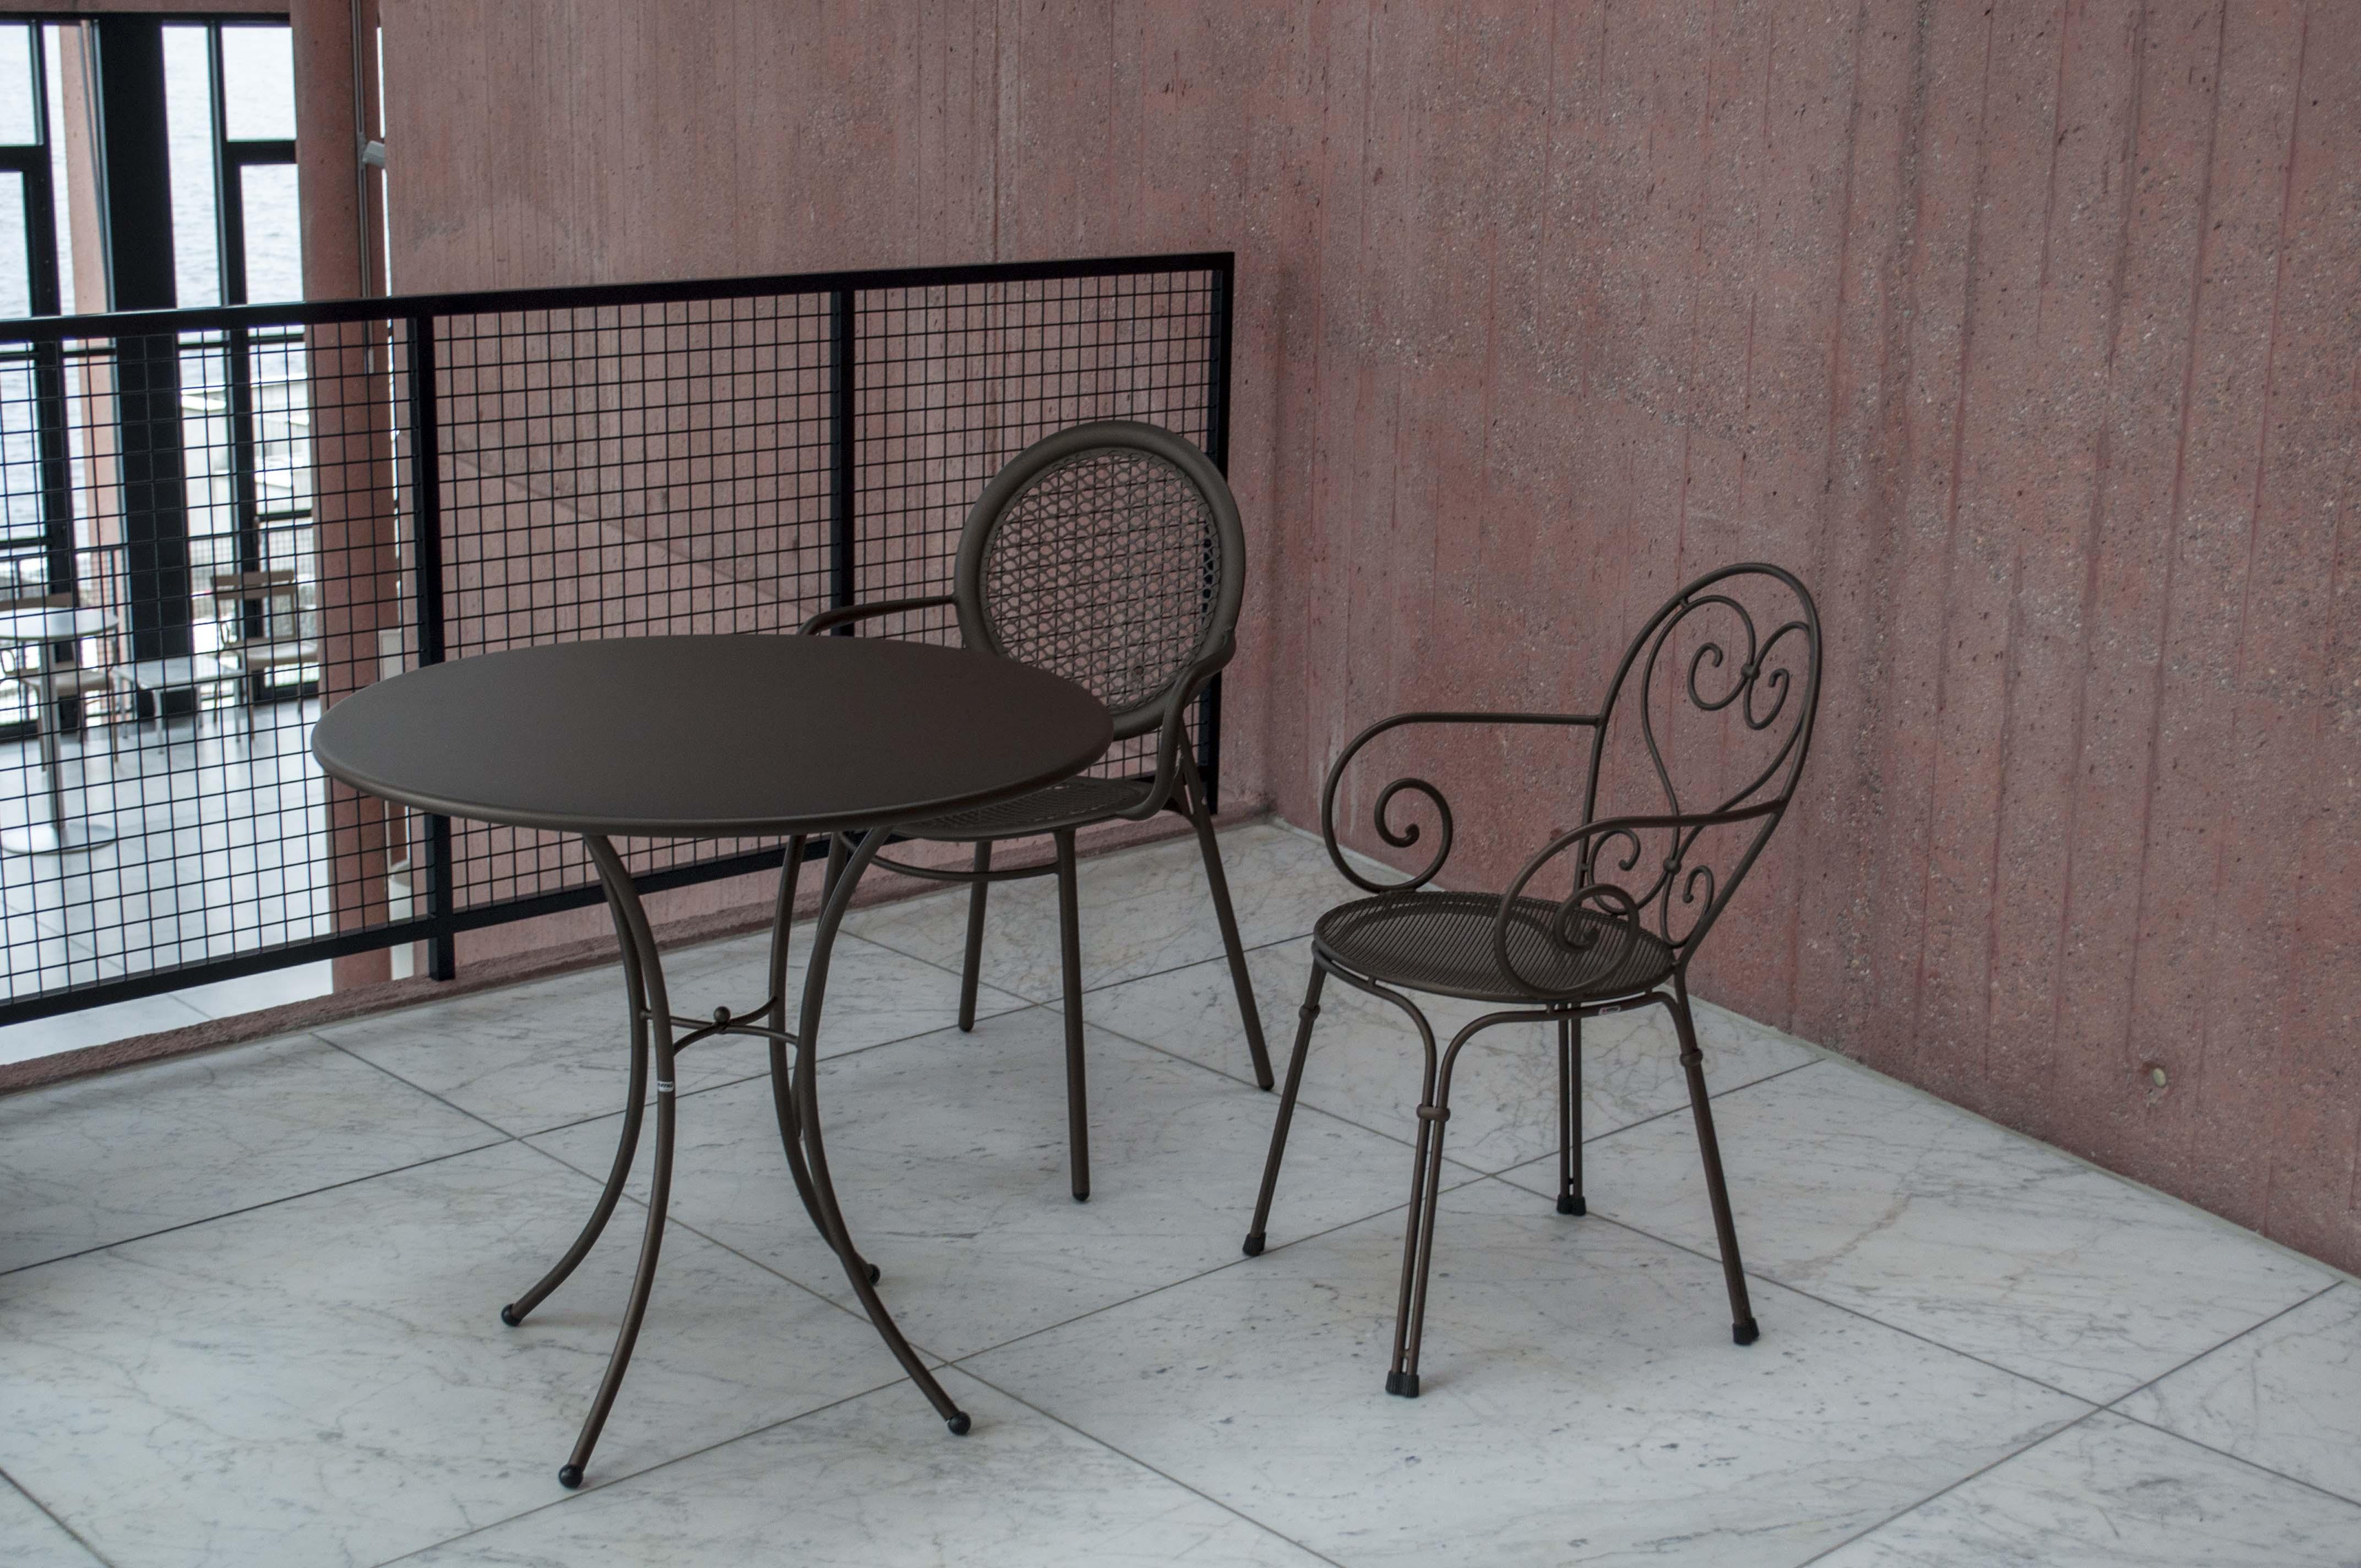 Gartenstühle vor dem Bühneneingang sind für viele Zuger nicht elegant genug.